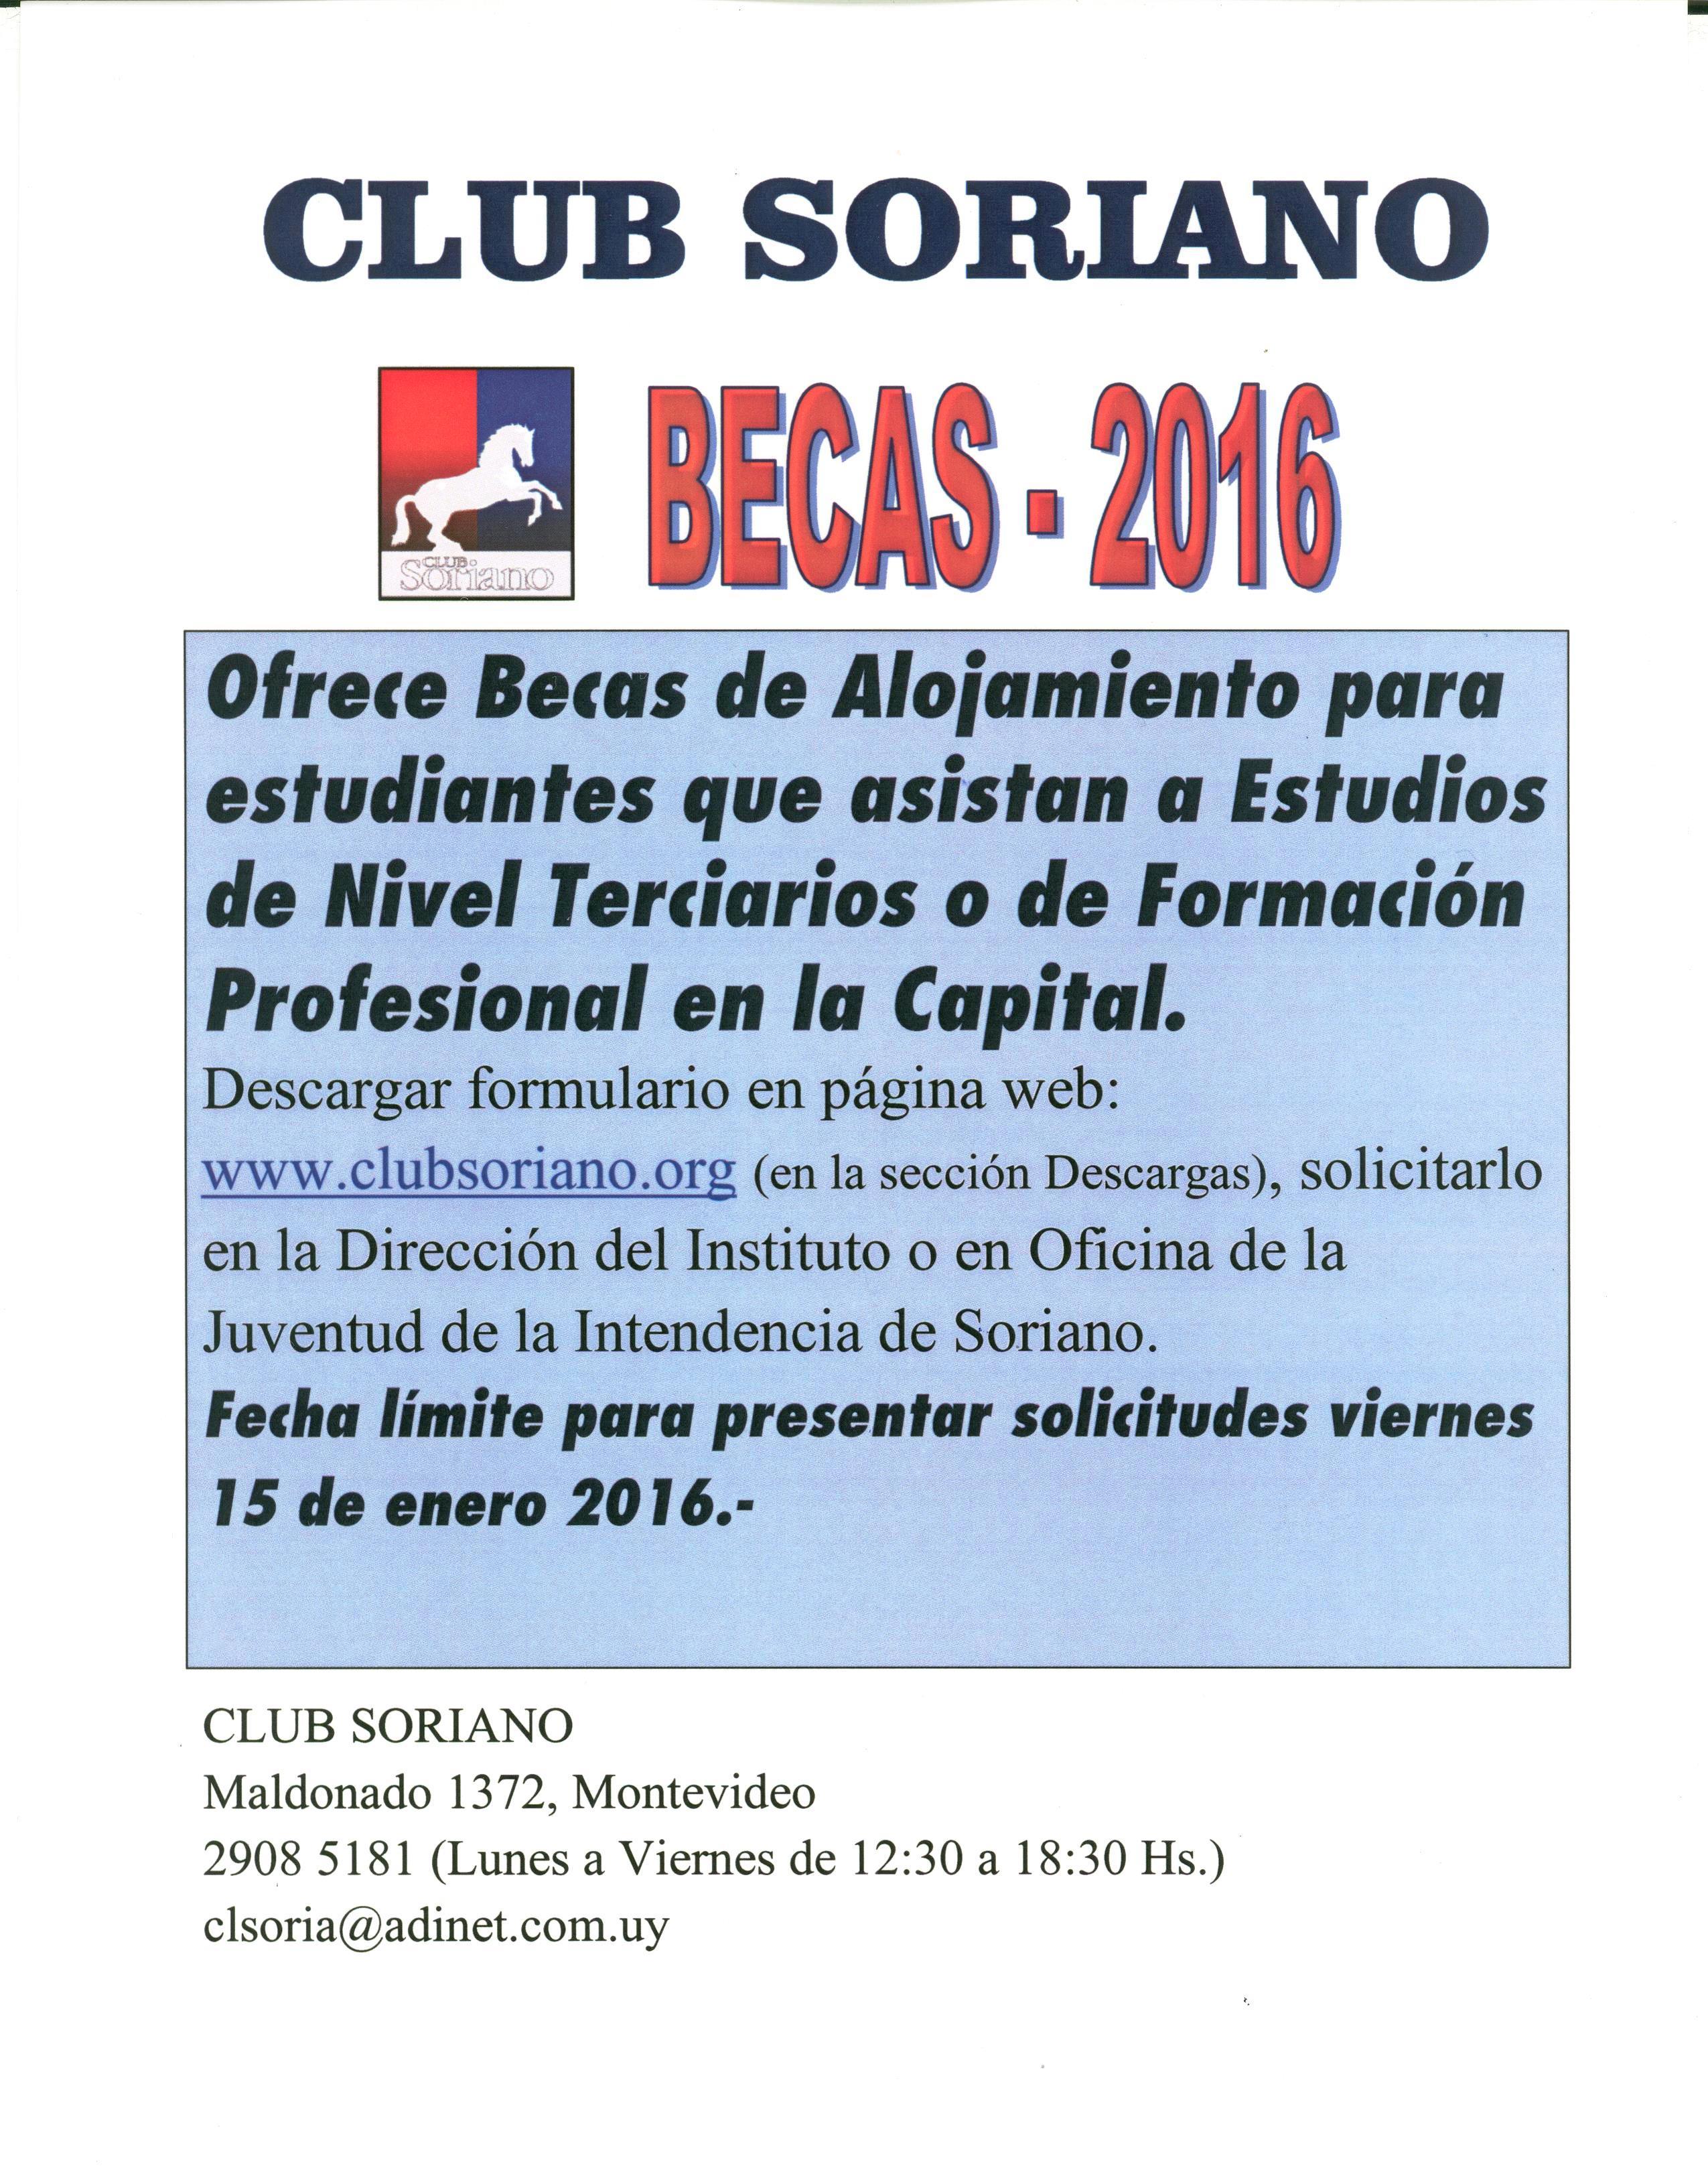 becas 2016 af 001